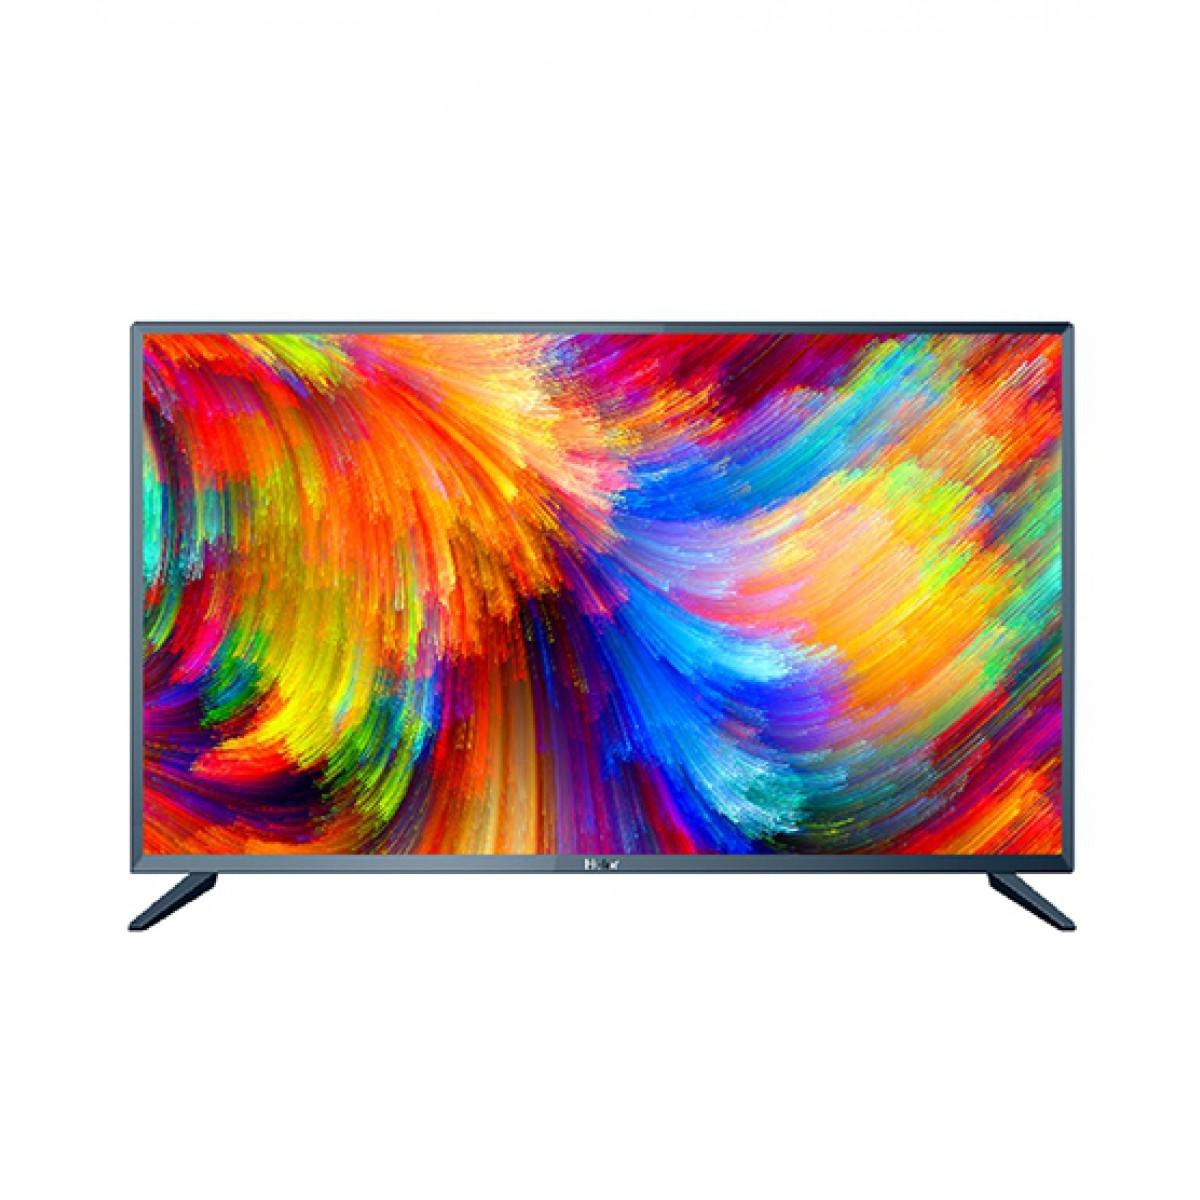 Haier 40K6000 LED TV